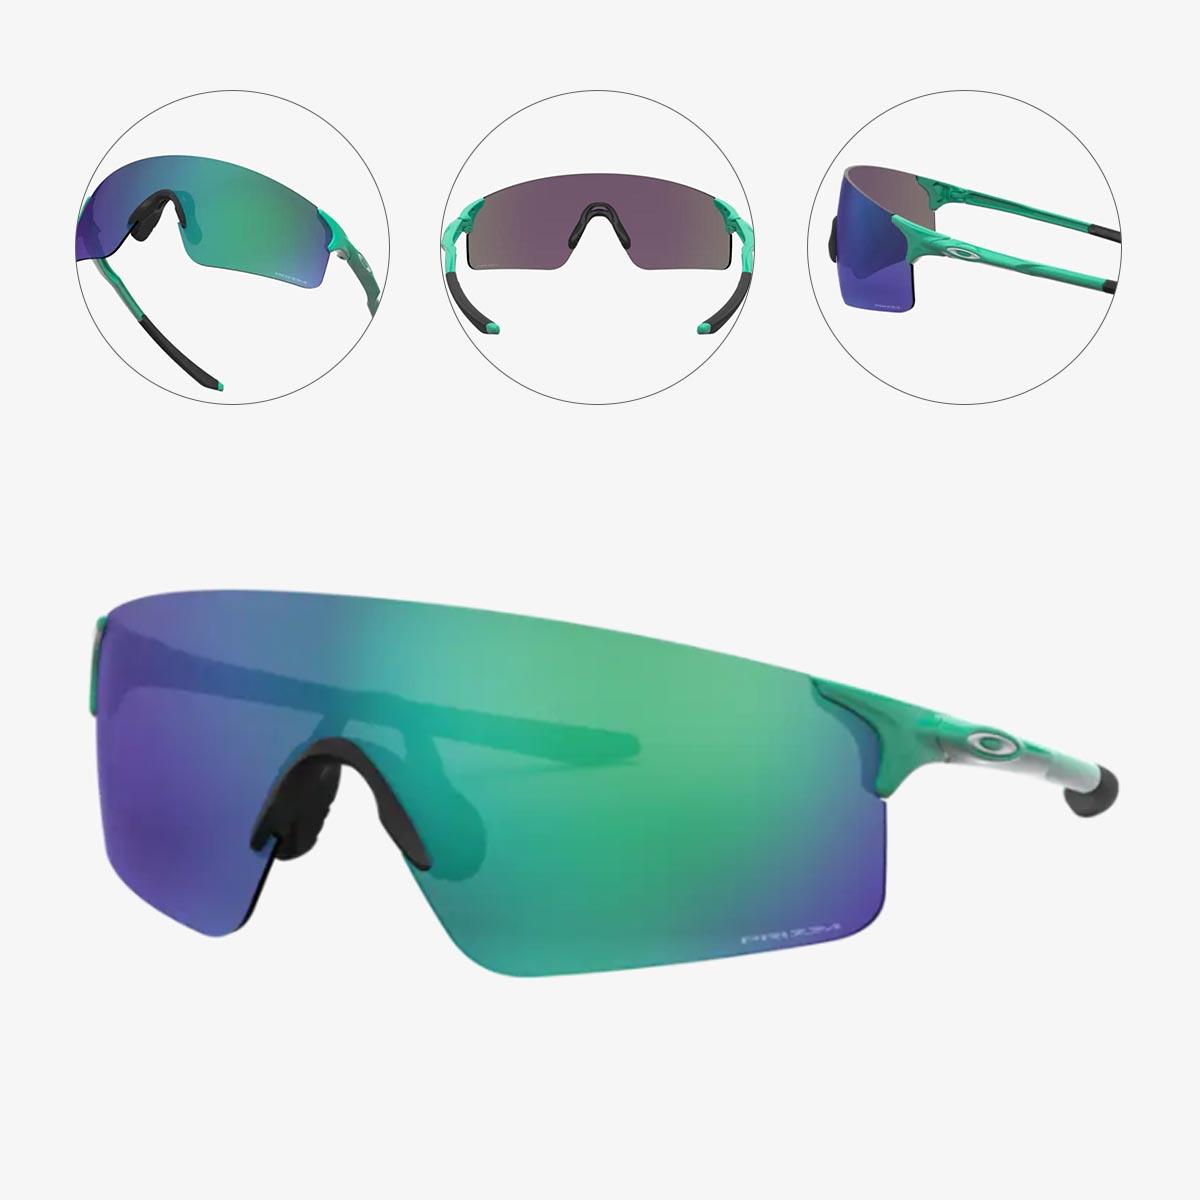 Oculos Para Ciclismo Oakley Ev Zero Blades Verde Celeste Com Lente Prizm Jade Espelhada Verde